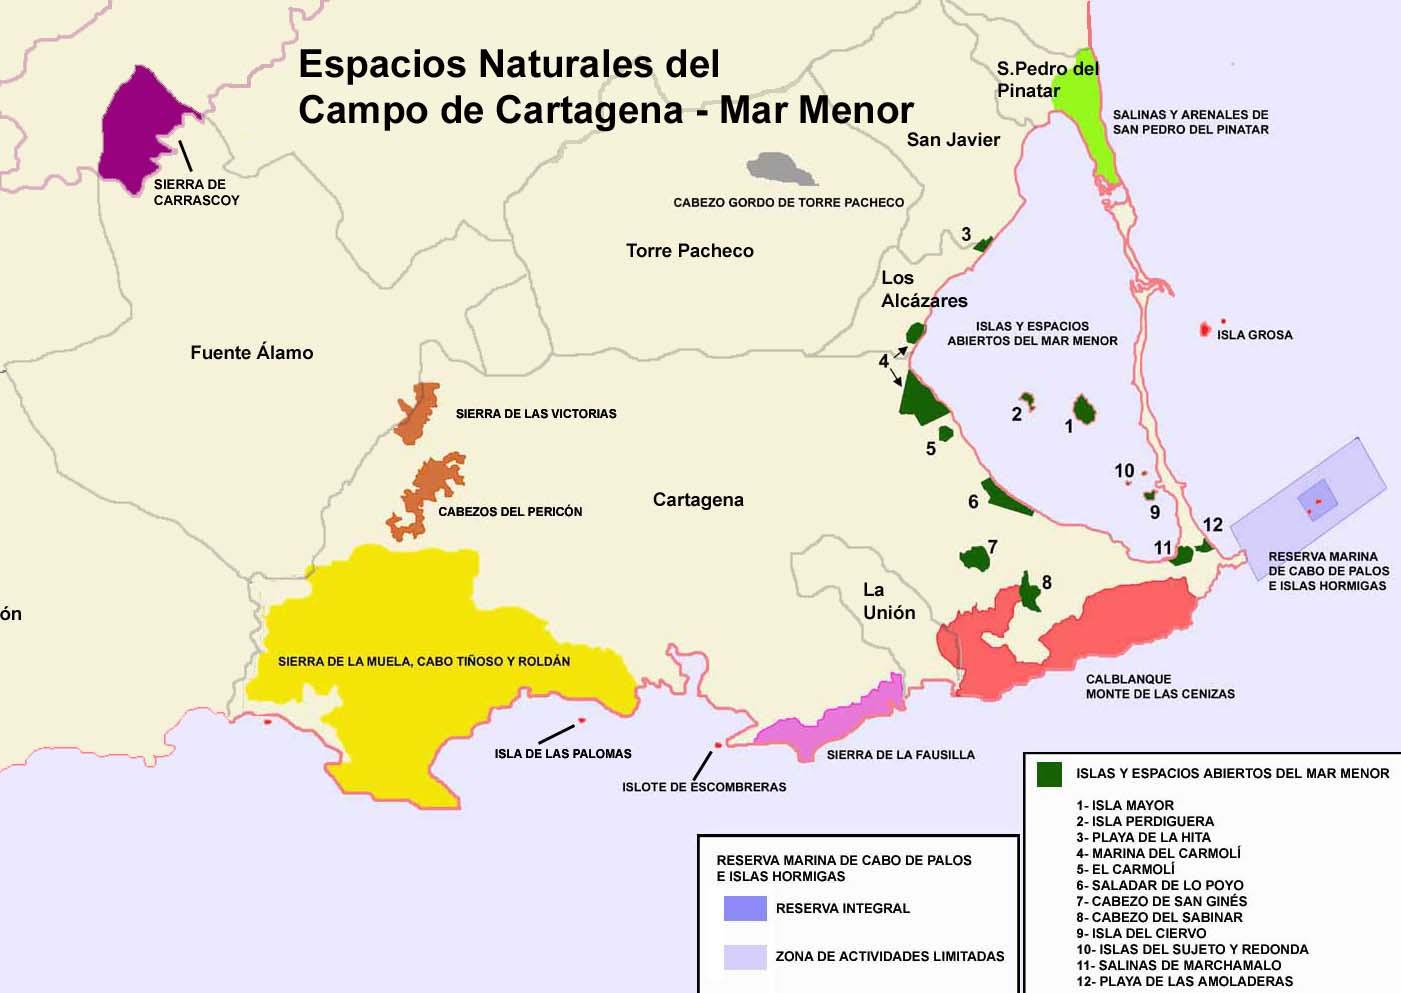 Espacios_naturales_Mar_Menor02